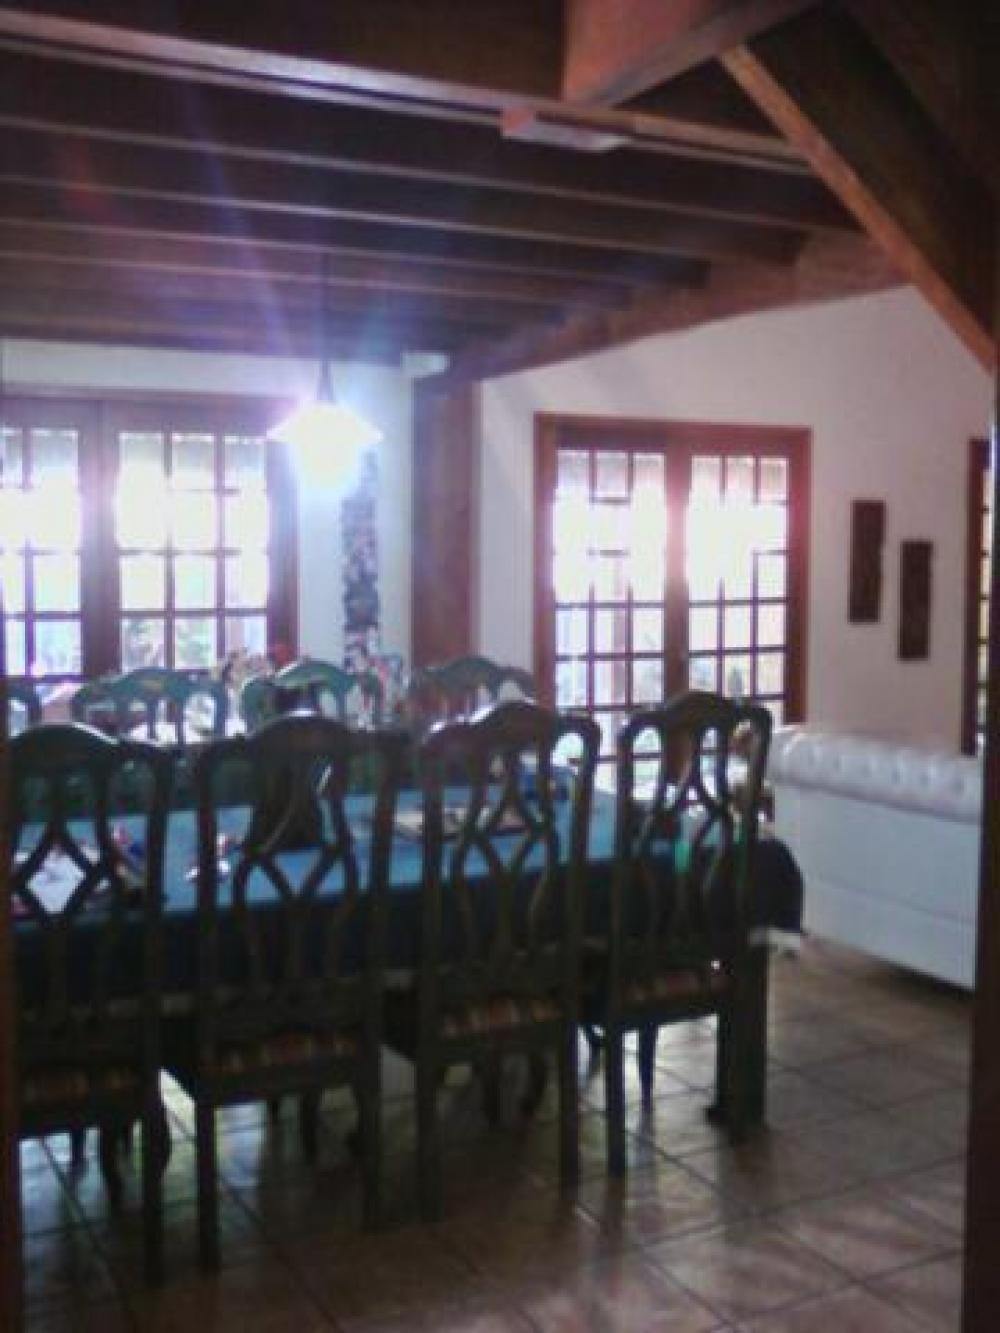 Comprar Casa / Padrão em São José do Rio Preto R$ 1.500.000,00 - Foto 6